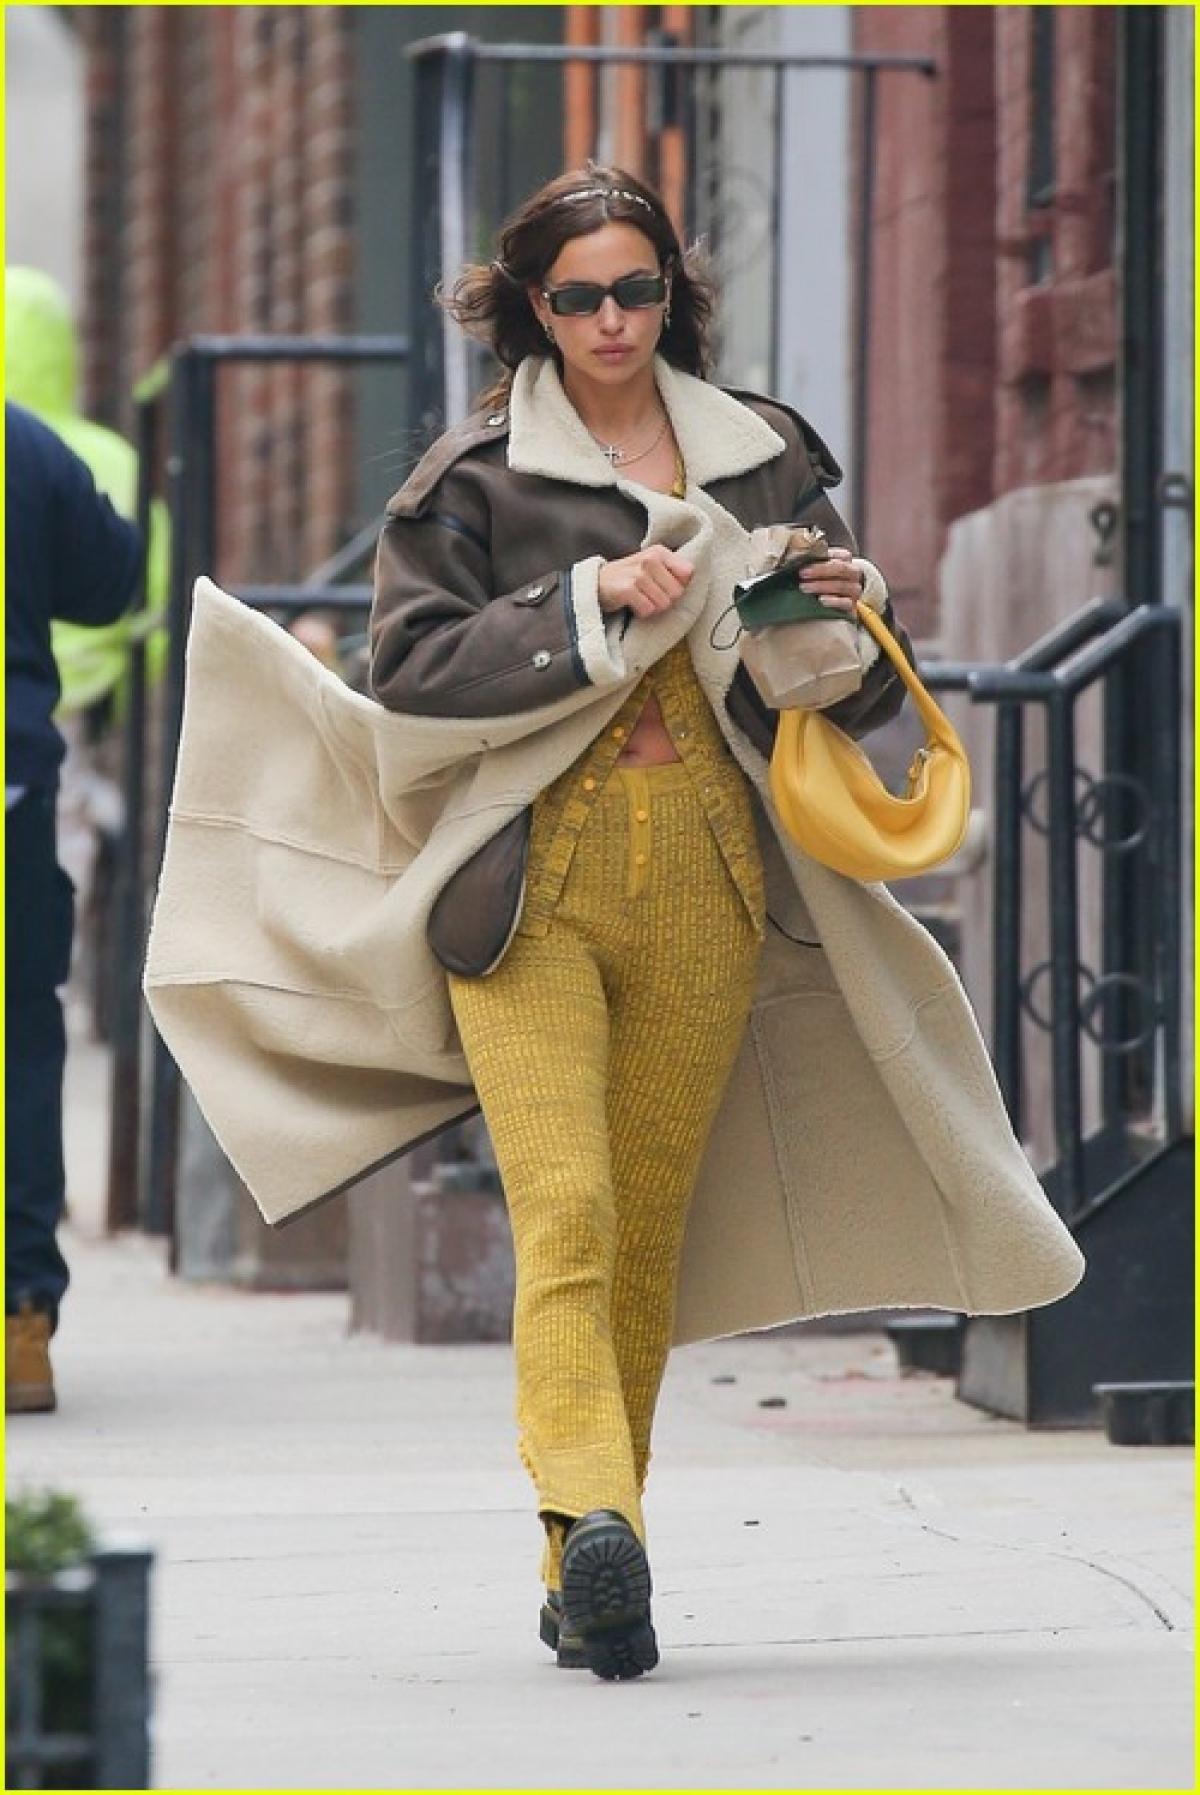 """Irina Shayk trở thành """"tâm điểm"""" của sự chú ý khi sải bước trên phố ở New York ngày 22/1 vừa qua, theo giờ địa phương."""